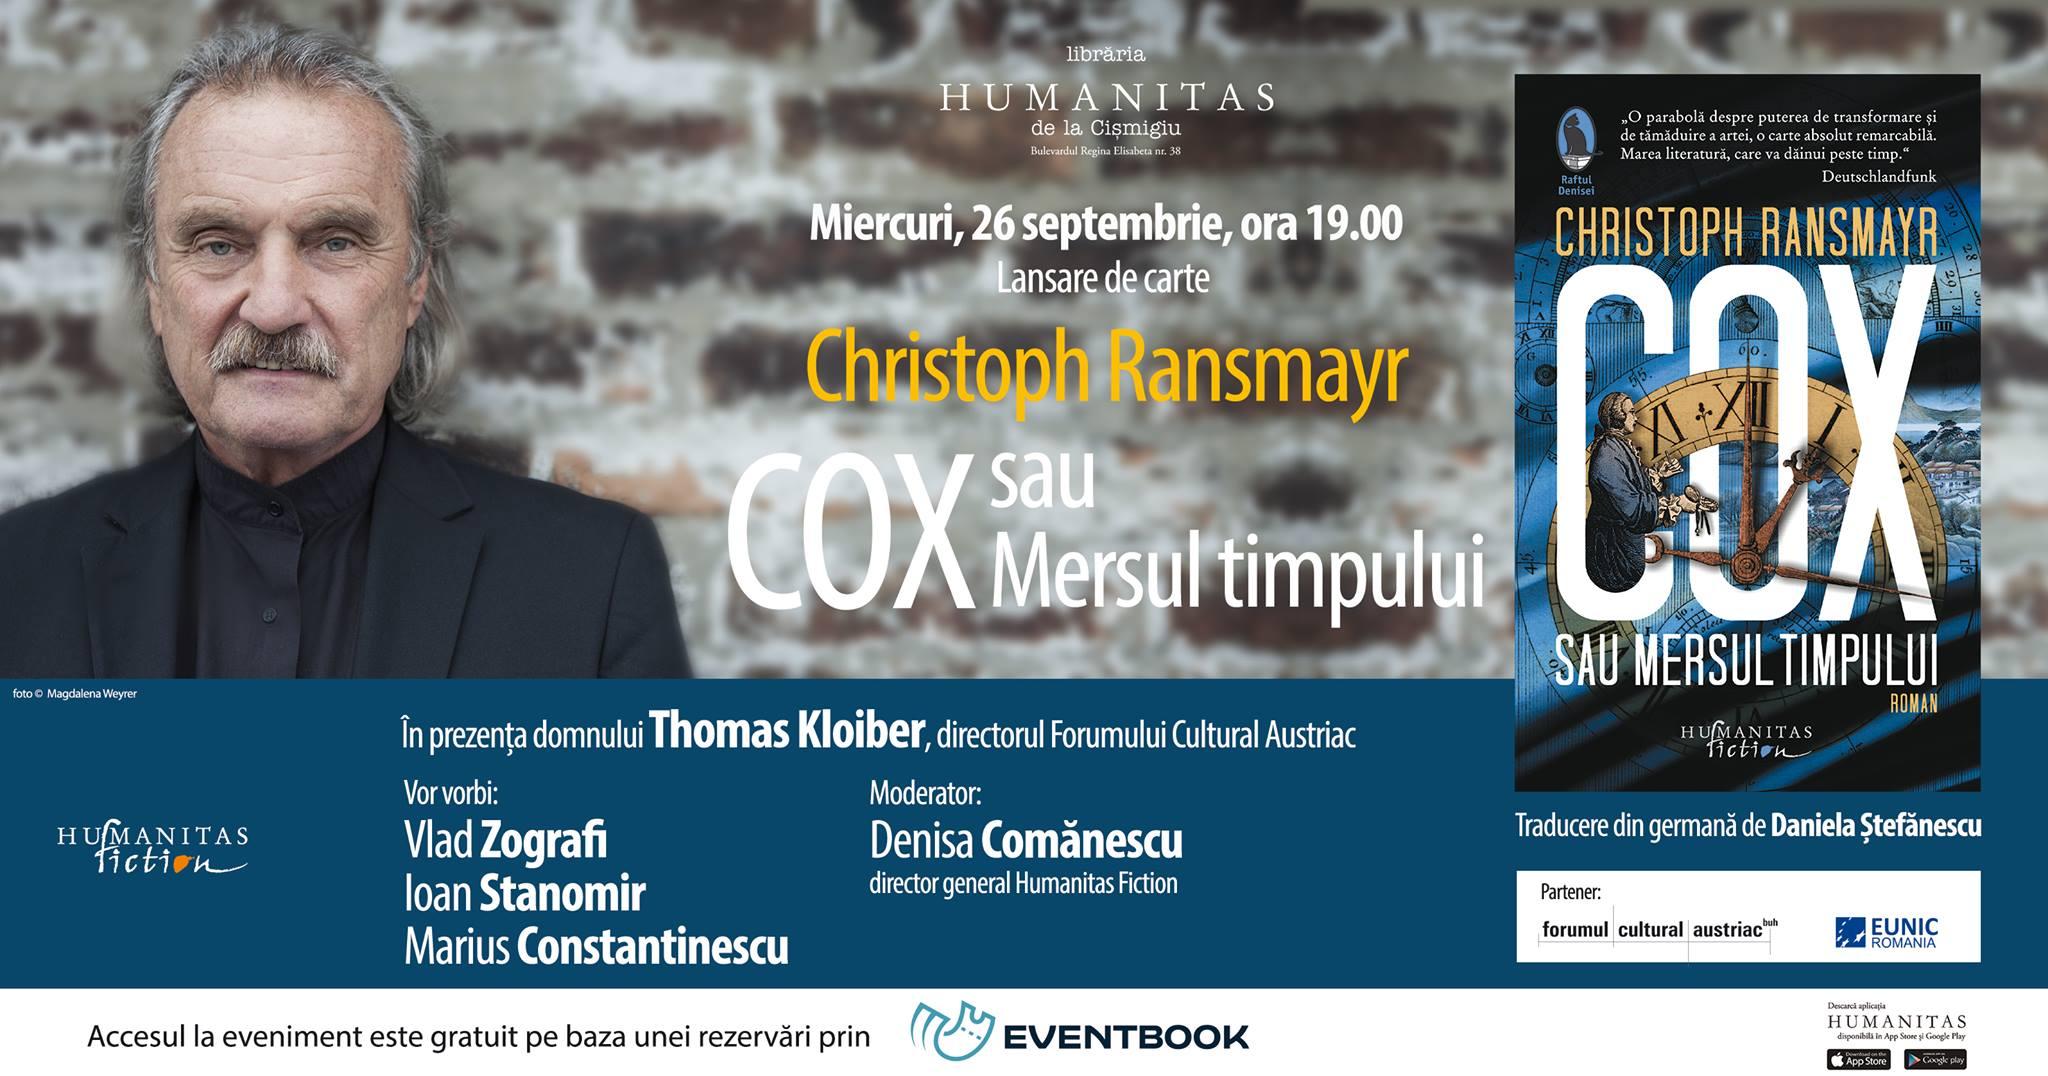 """Lansare """"Cox sau Mersul timpului"""", de Cristoph Ransmayr"""